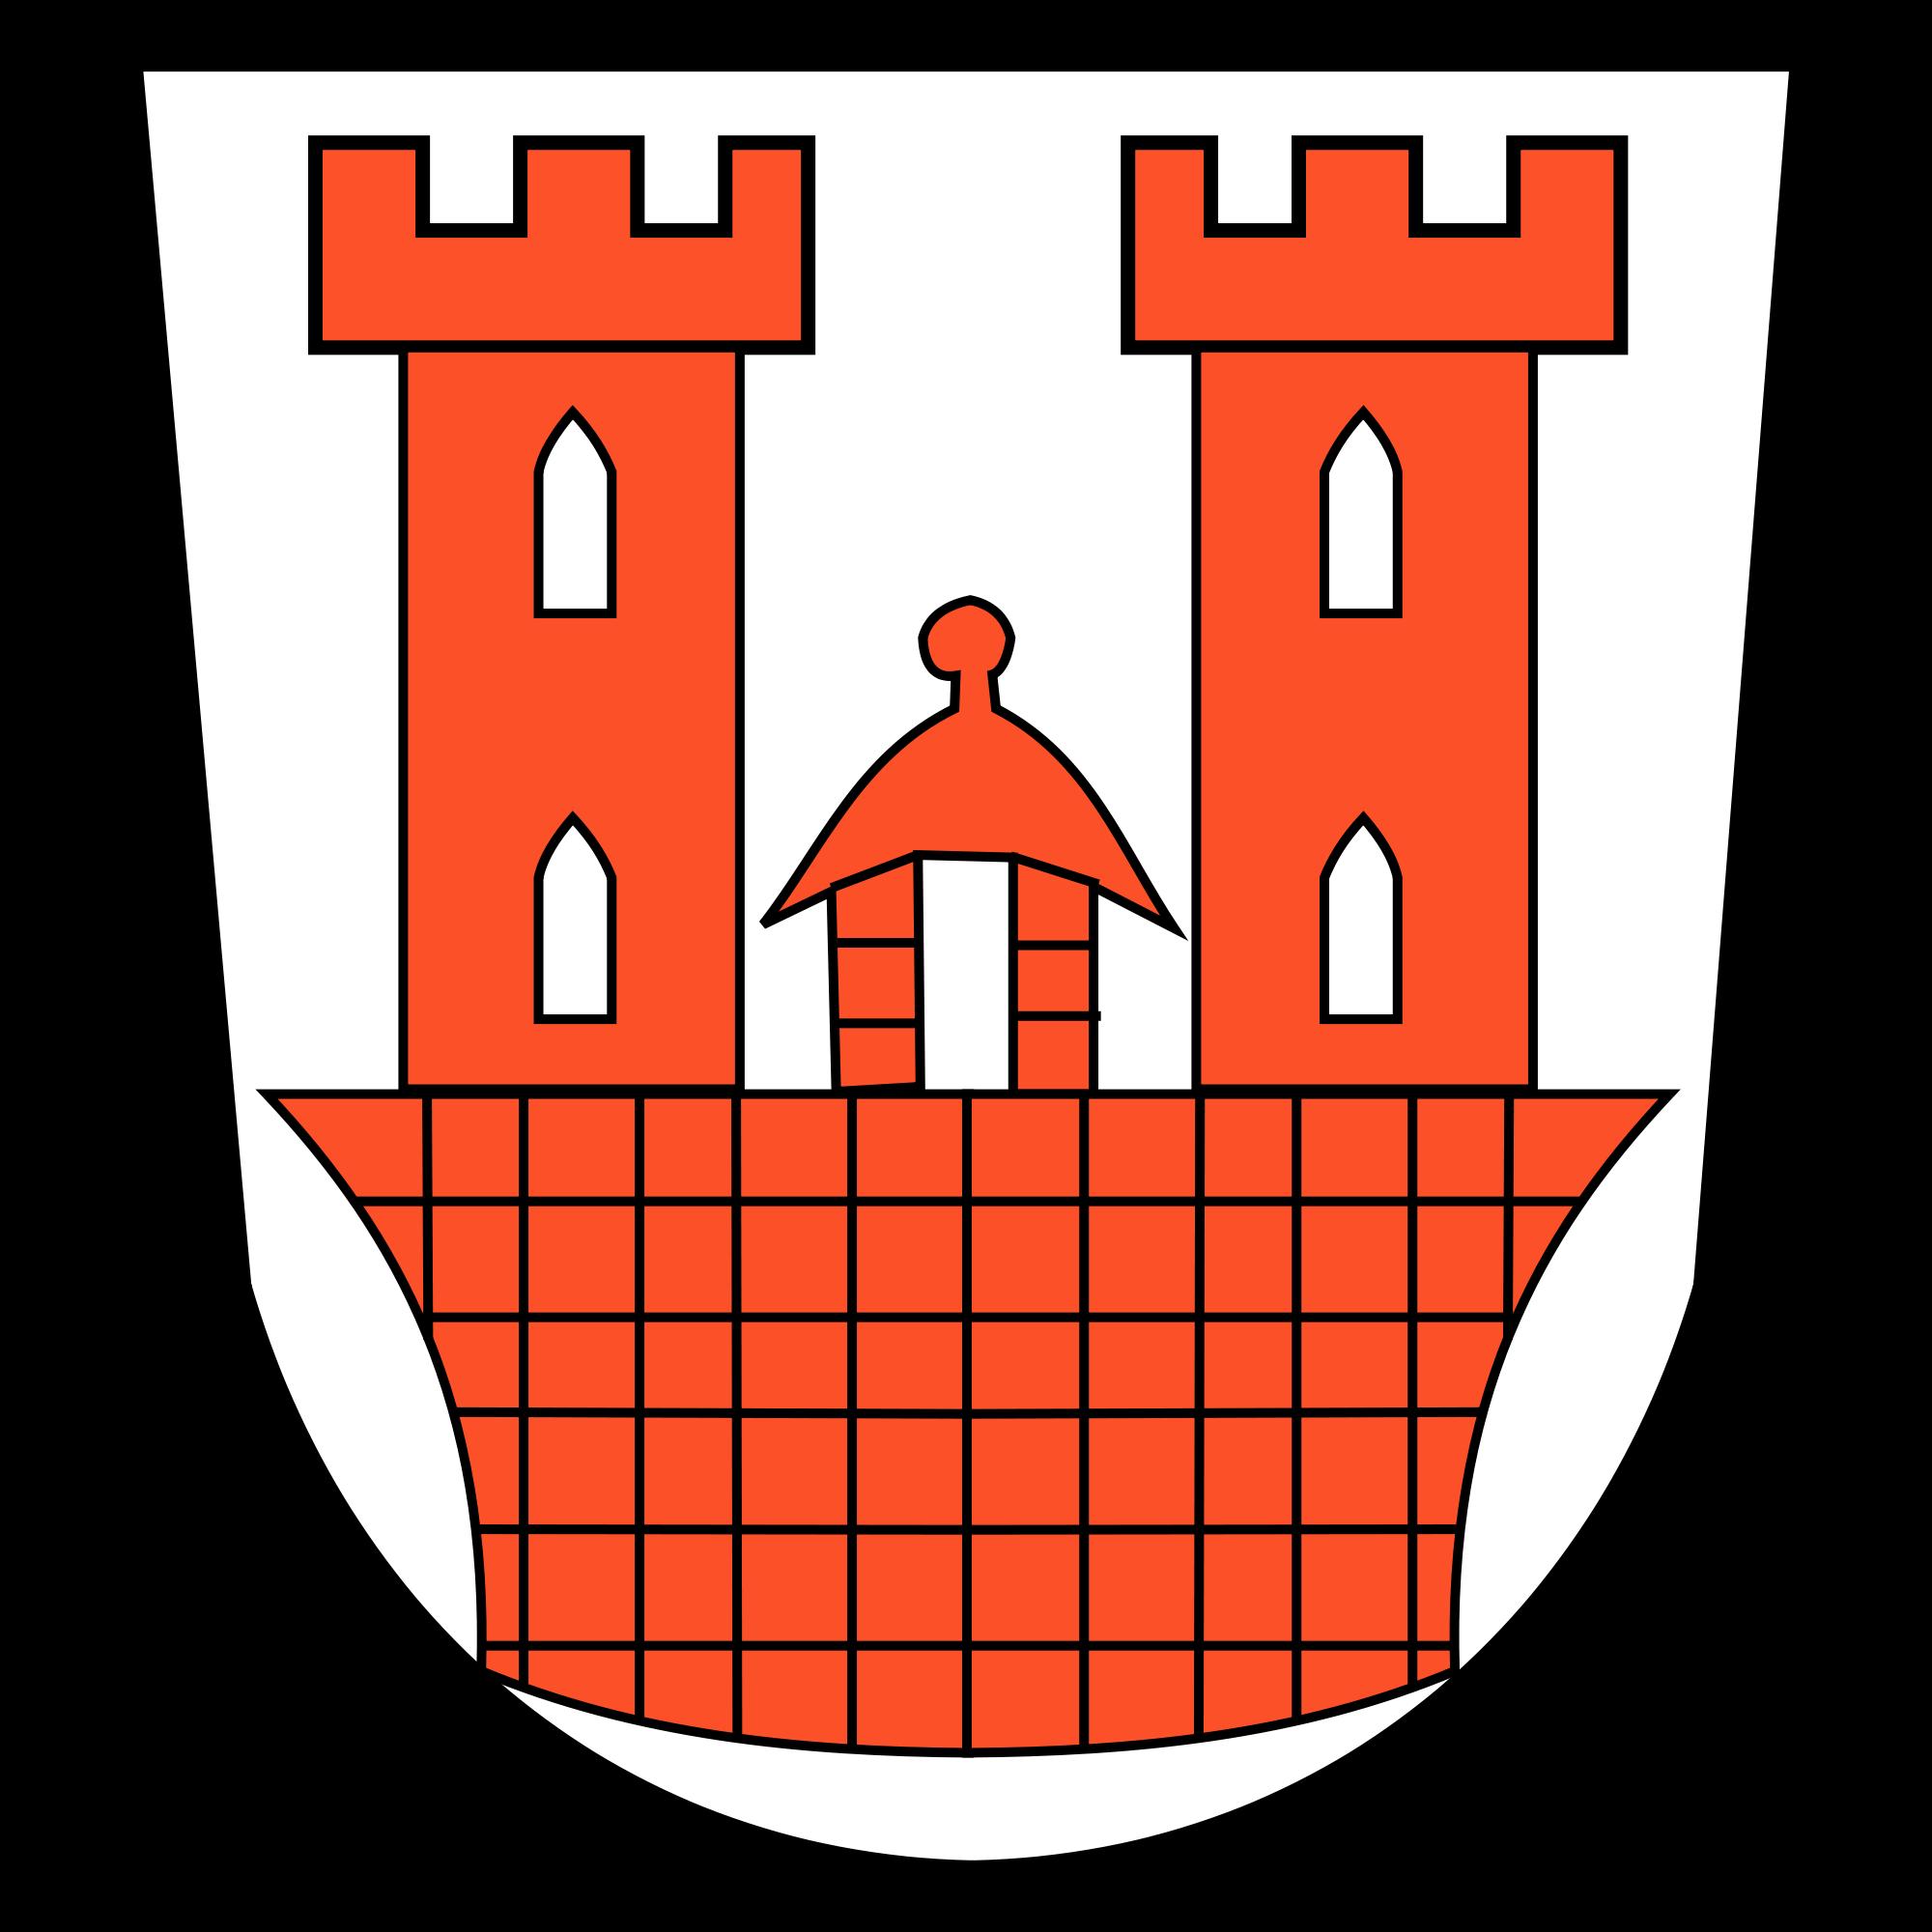 File:Wappen von Rothenburg ob der Tauber.svg.